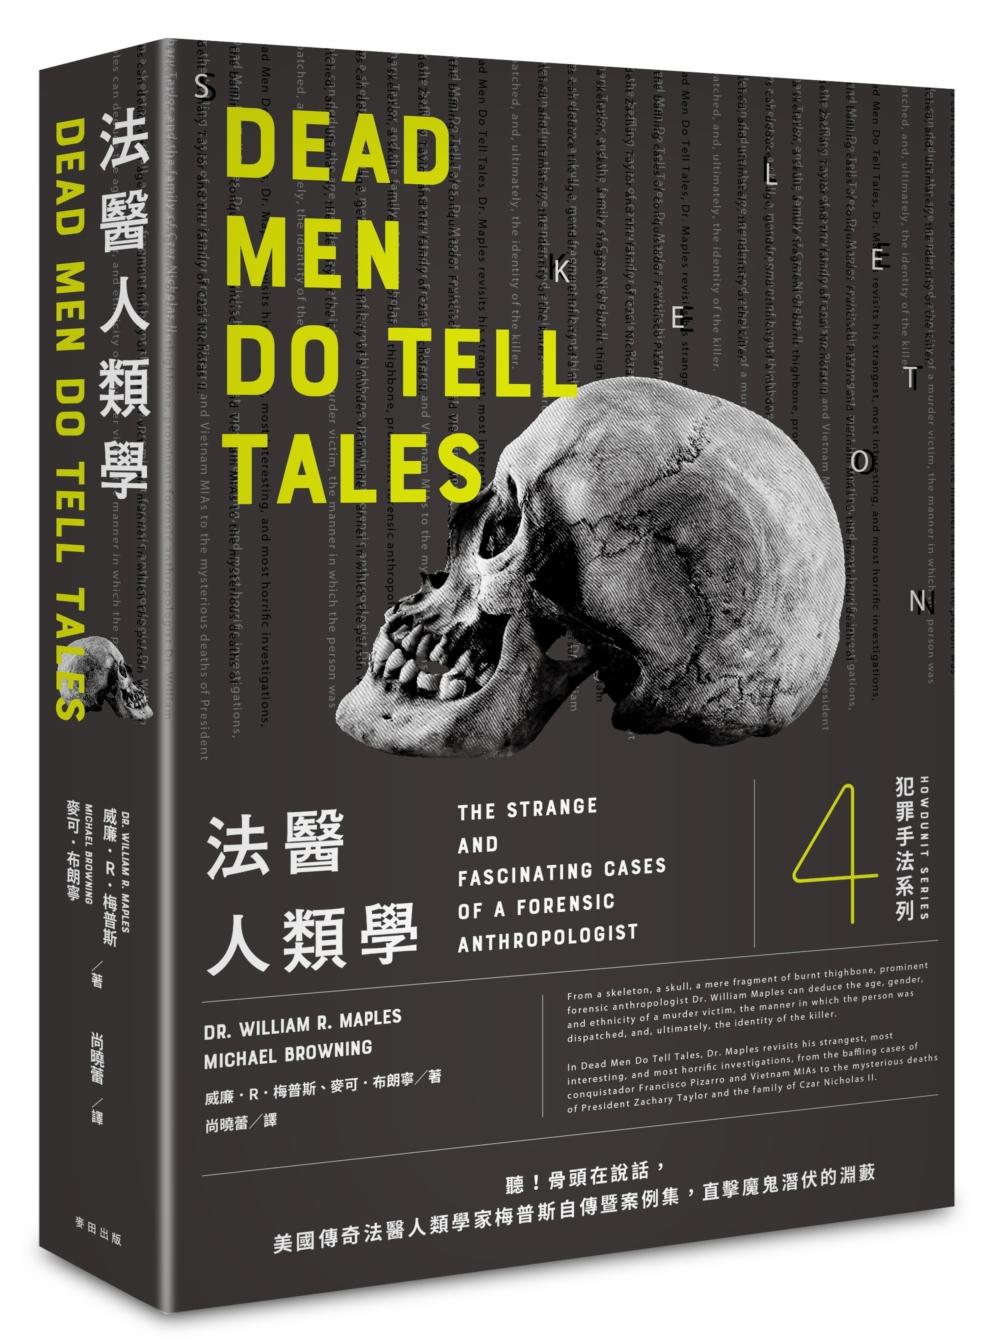 犯罪手法系列4-法醫人類學:聽!骨頭在說話,美國傳奇法醫人類學家梅普斯自傳暨案例集,直擊魔鬼潛伏的淵藪